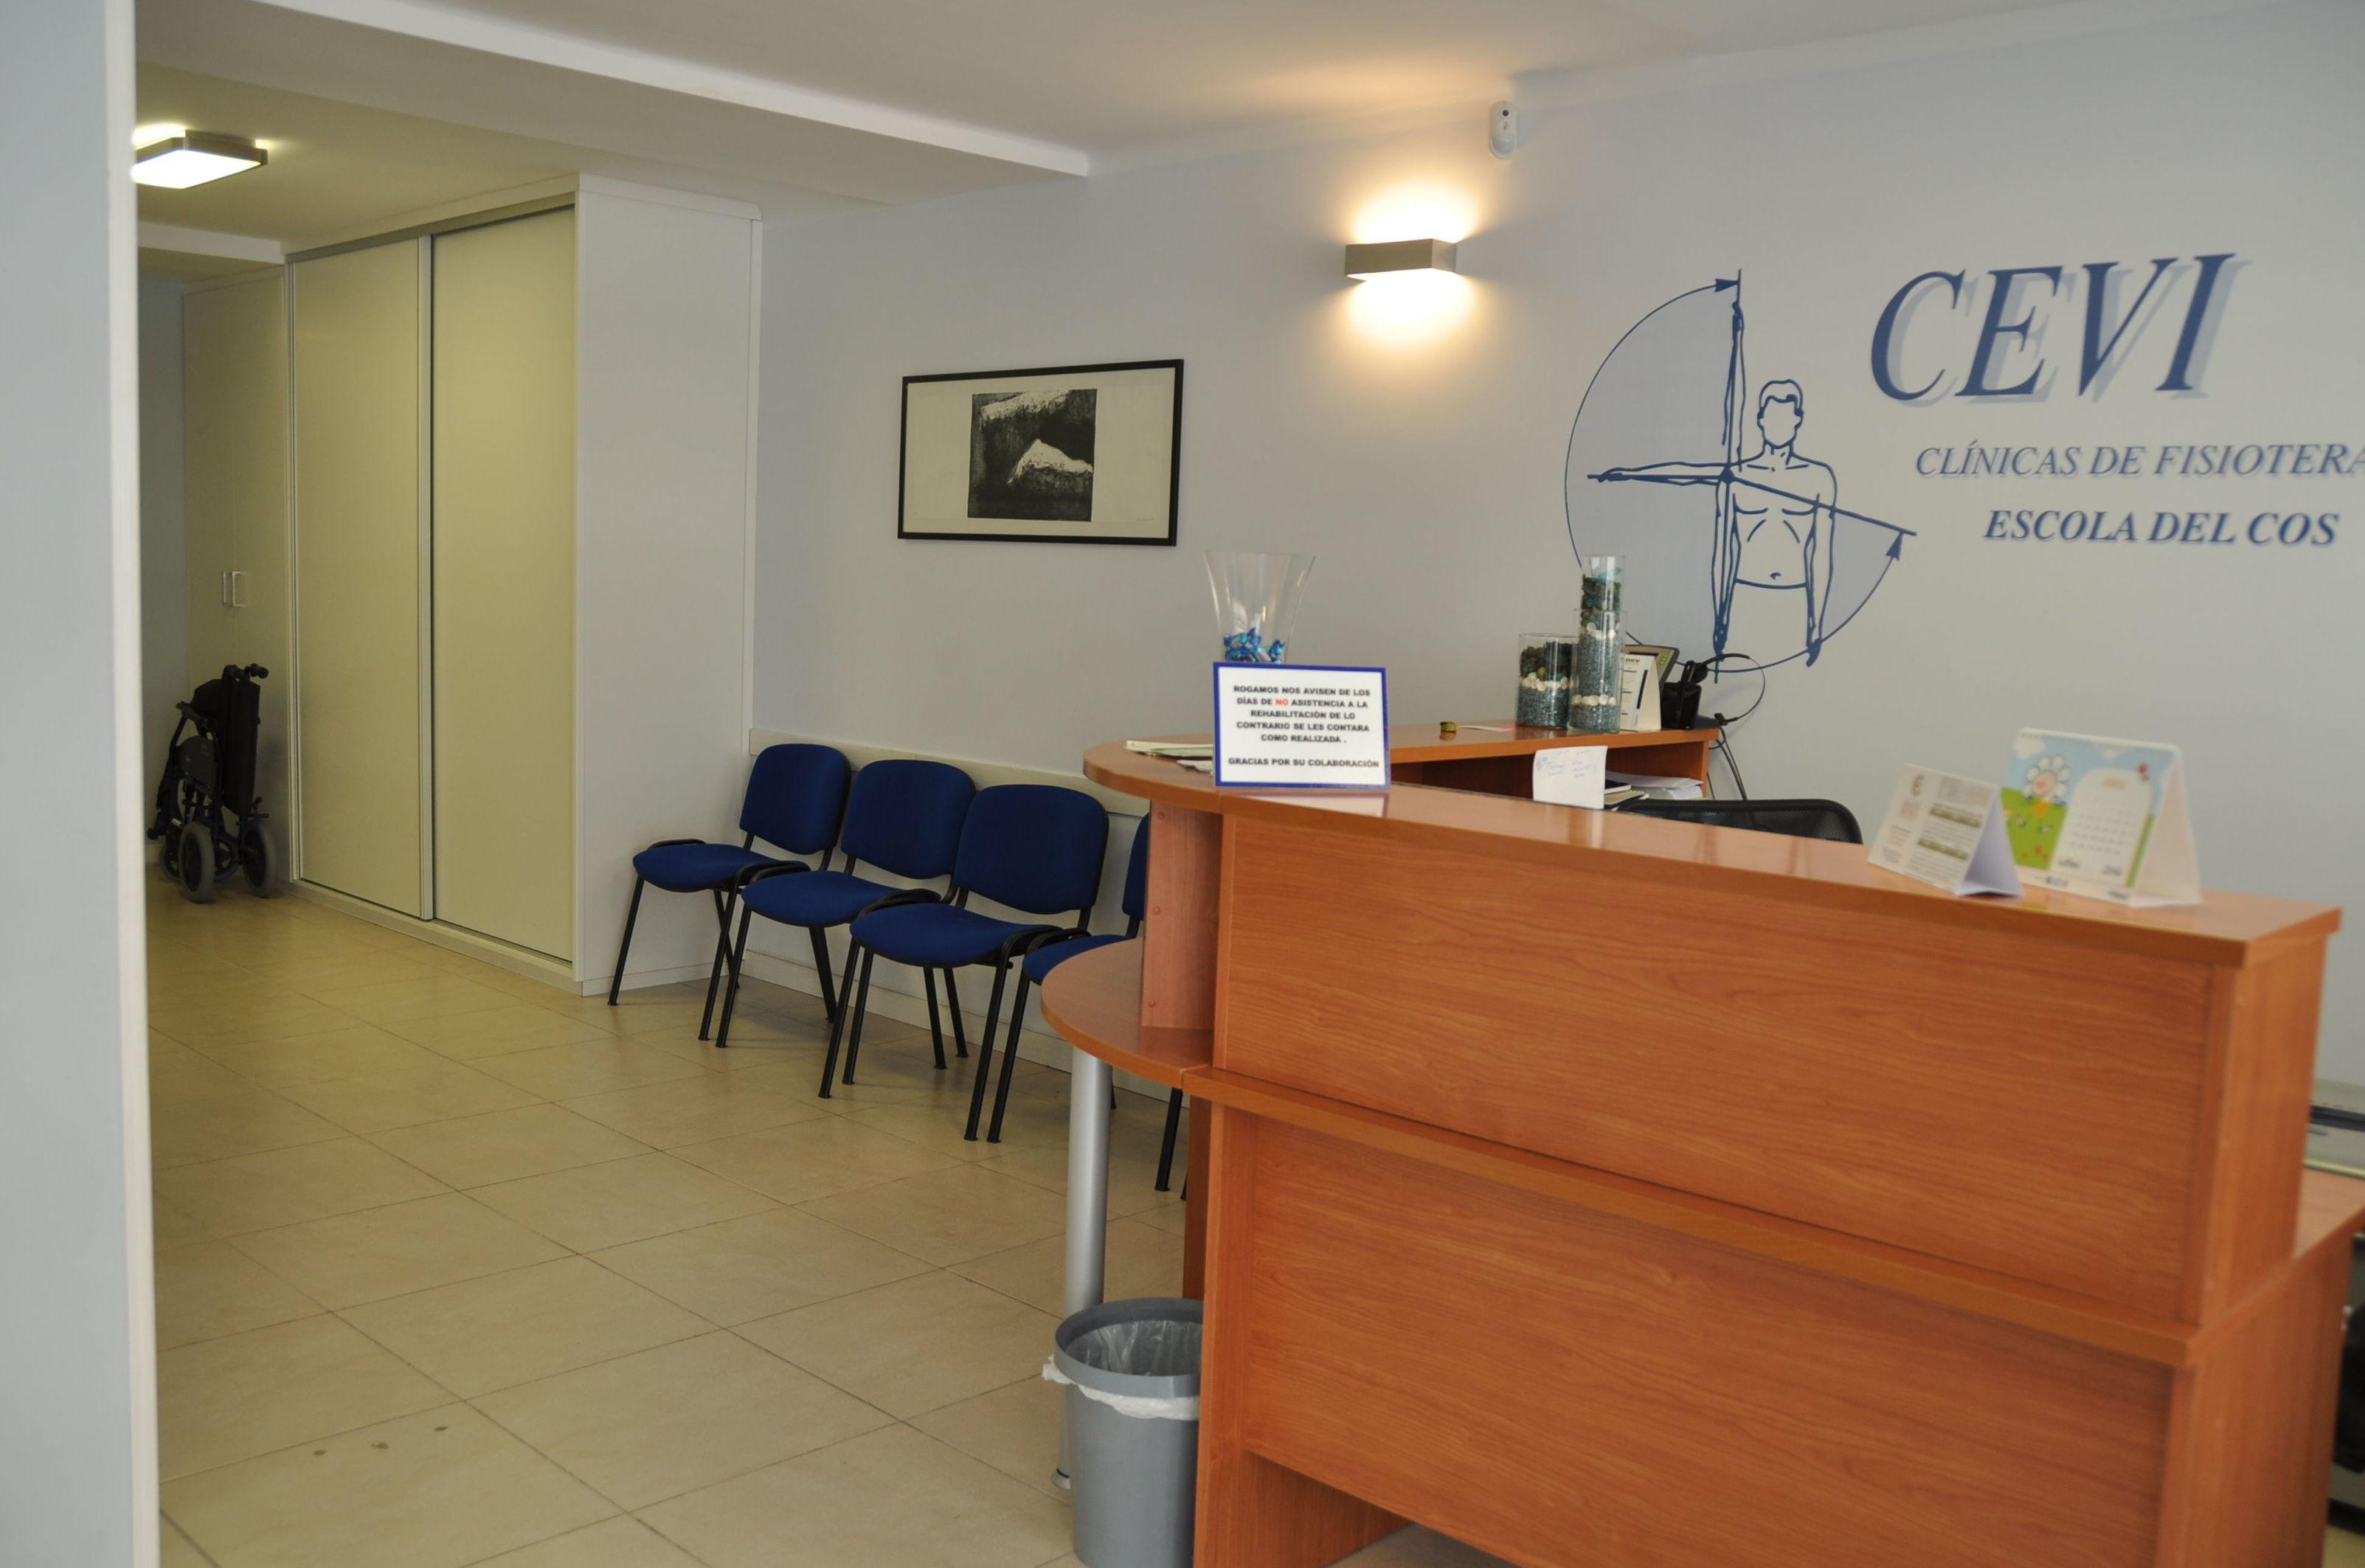 Recepción de nuestra clínica